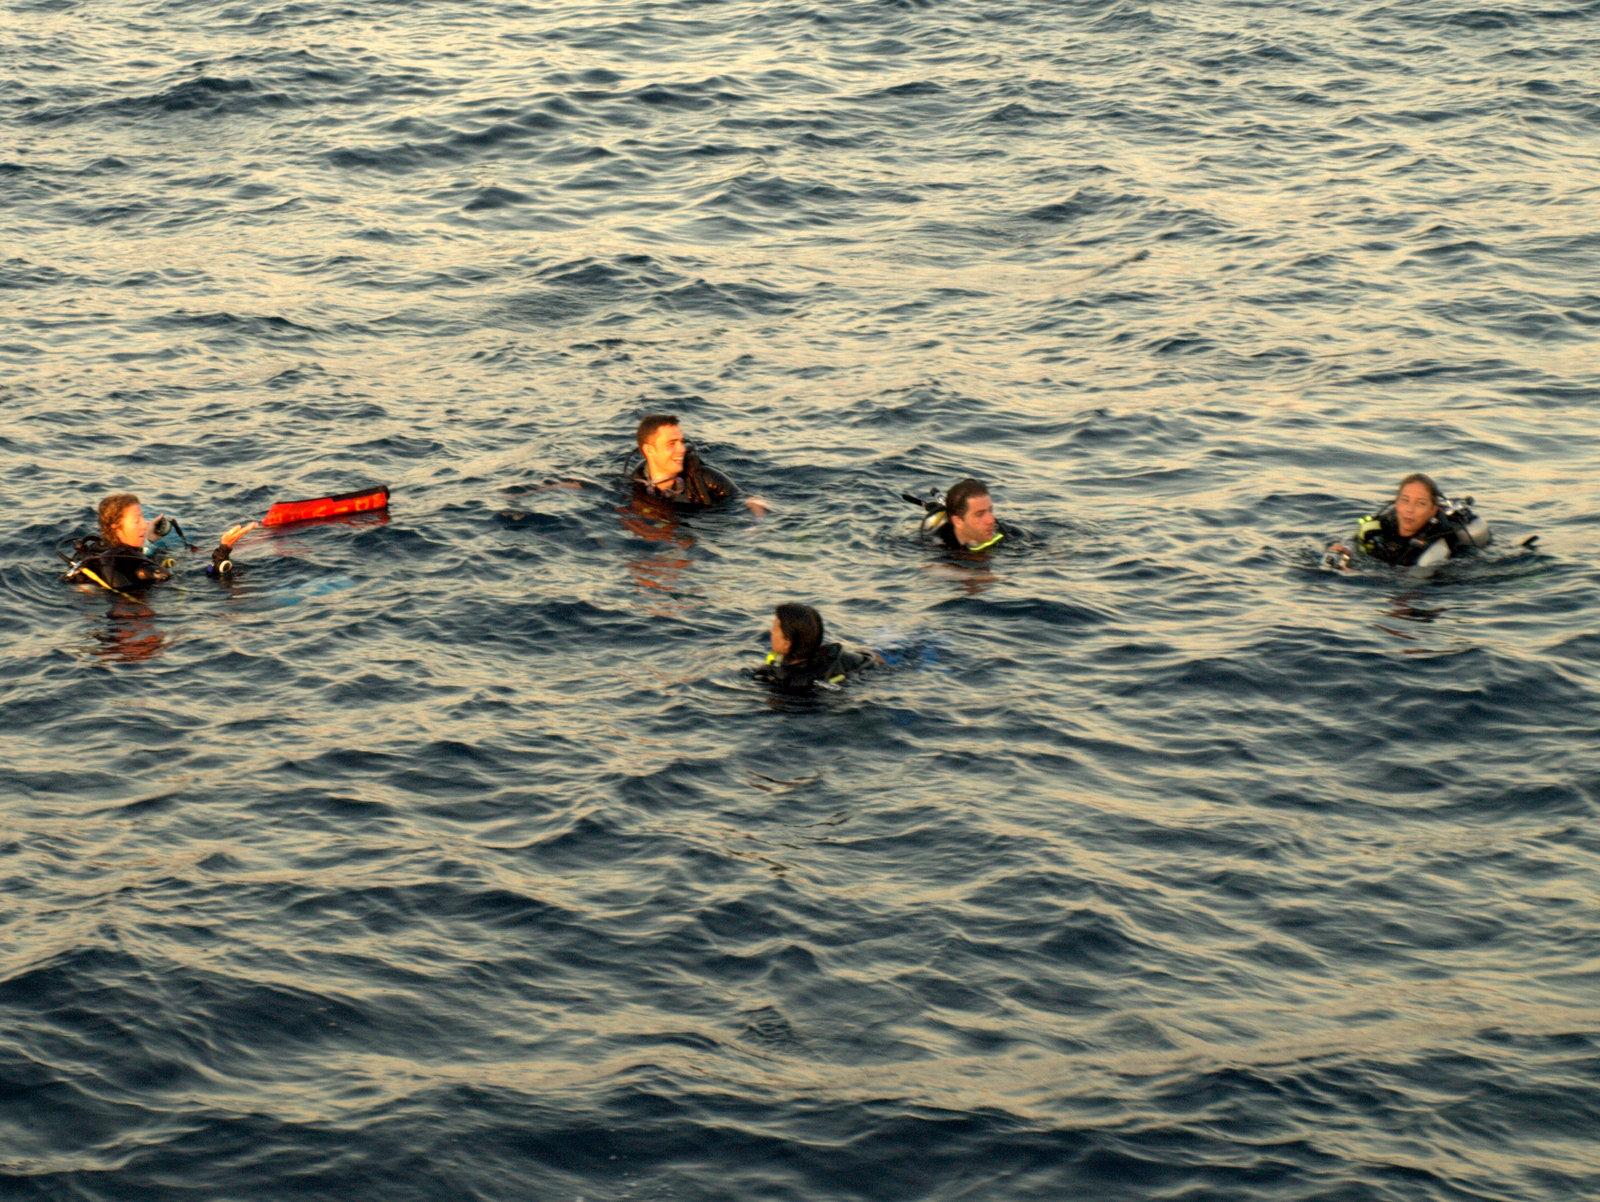 Dykker inkl. Anders, der er kommet til overfladen efter endt dyk